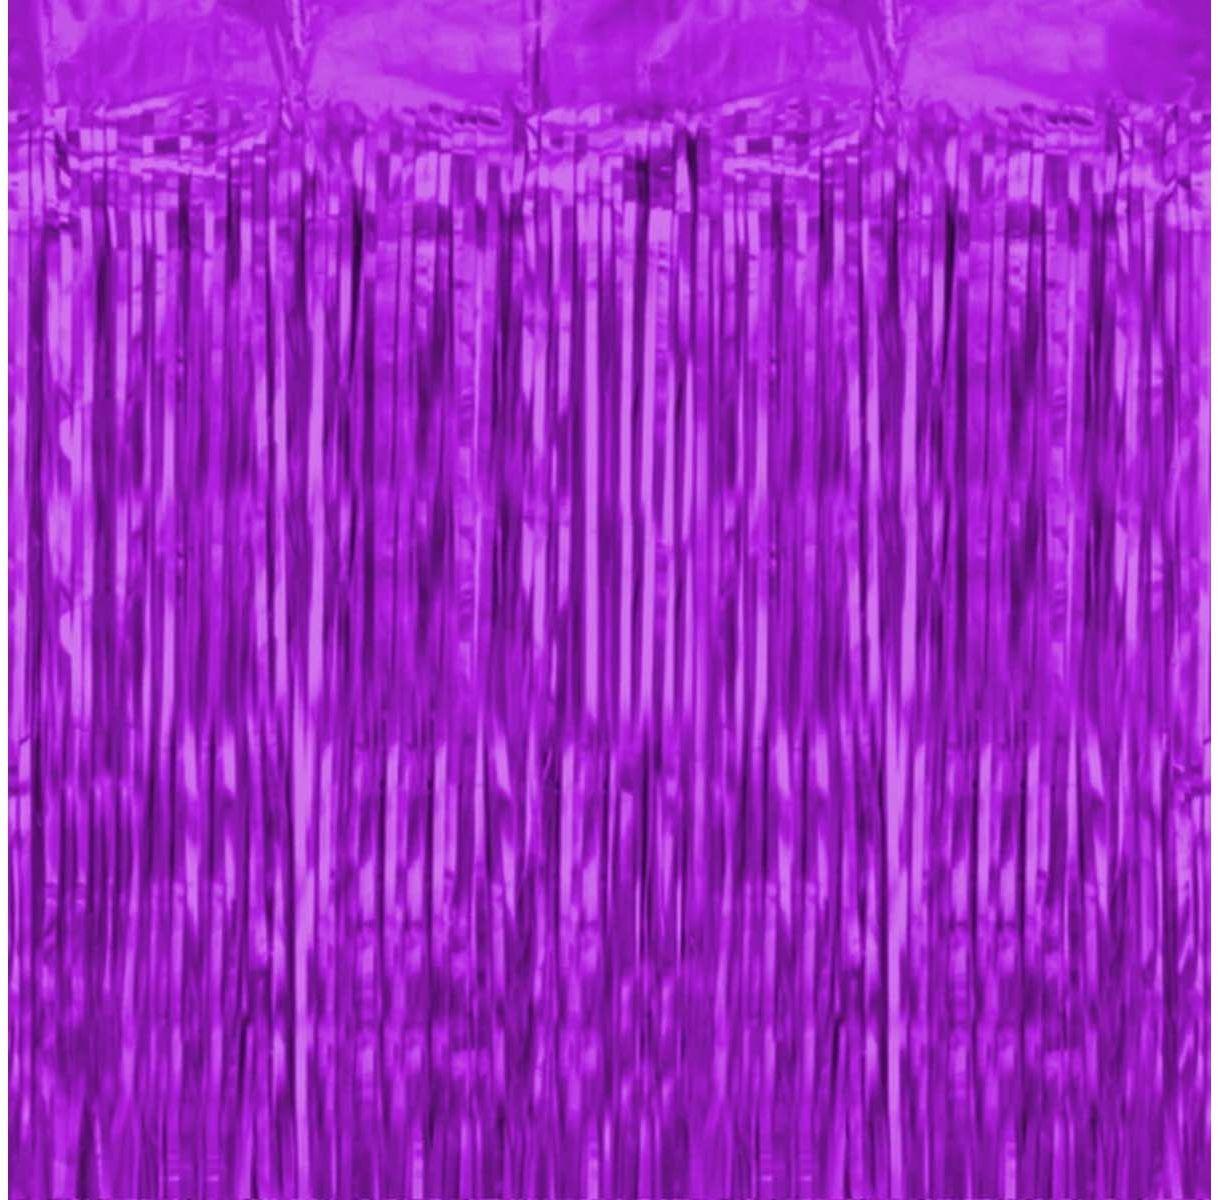 Kurtyna - zasłona na drzwi fioletowa - 100 x 200 cm